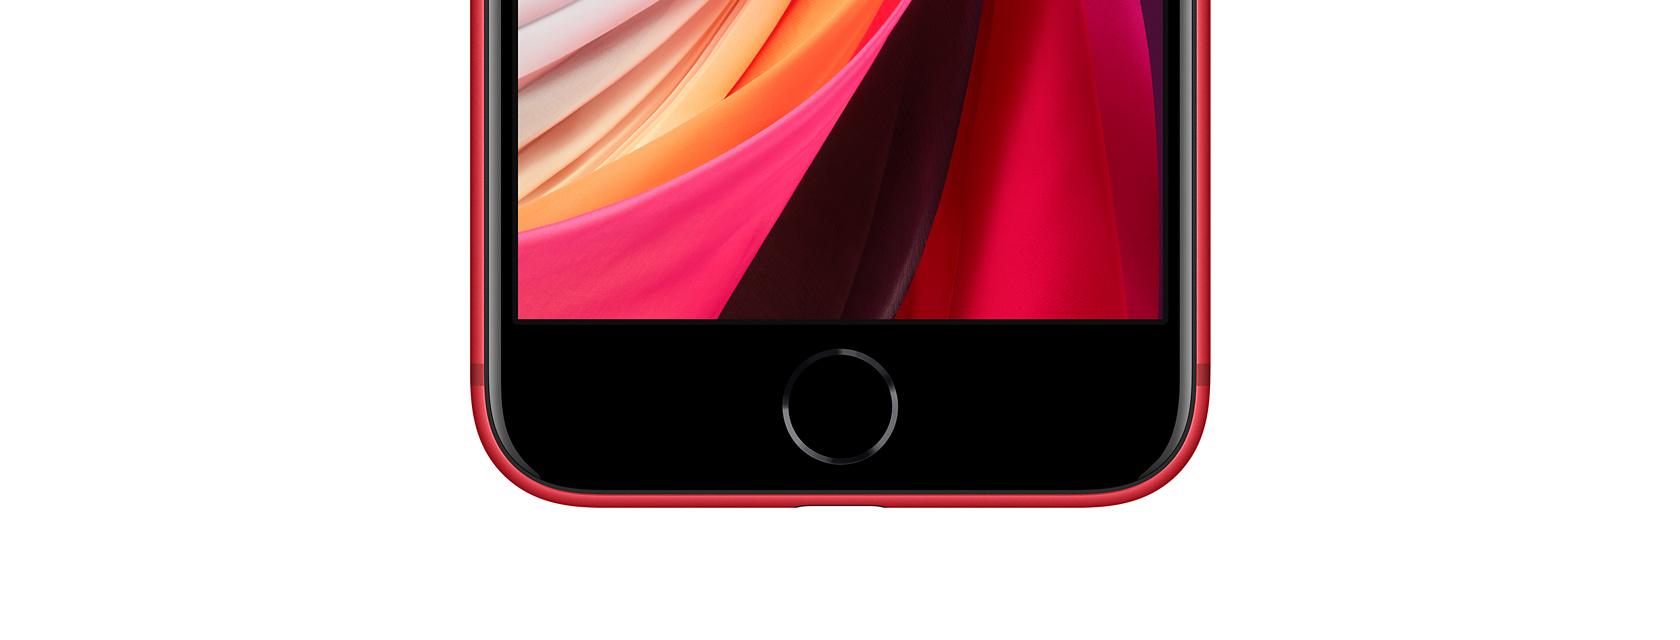 iphone se gallery3?wid=1680&hei=640&fmt=jpeg&qlt=95&op usm=0.5,0.5&